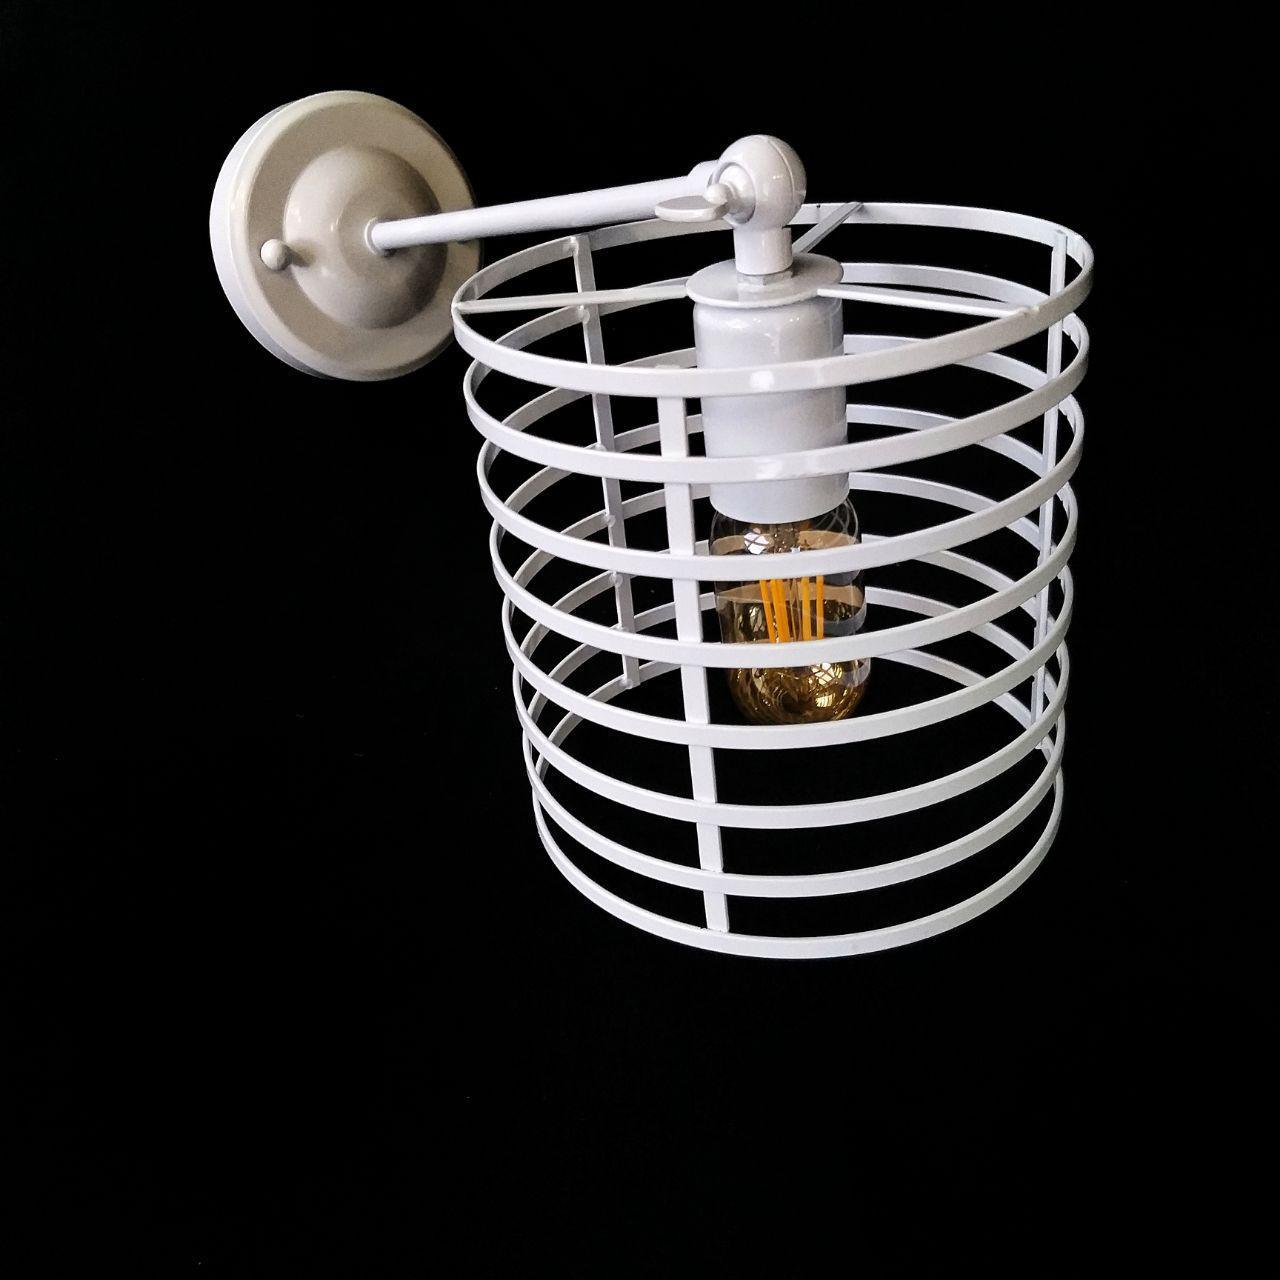 Бра на одну лампу в стилі лофт біле поворотне YS-TY001-M/1W WH